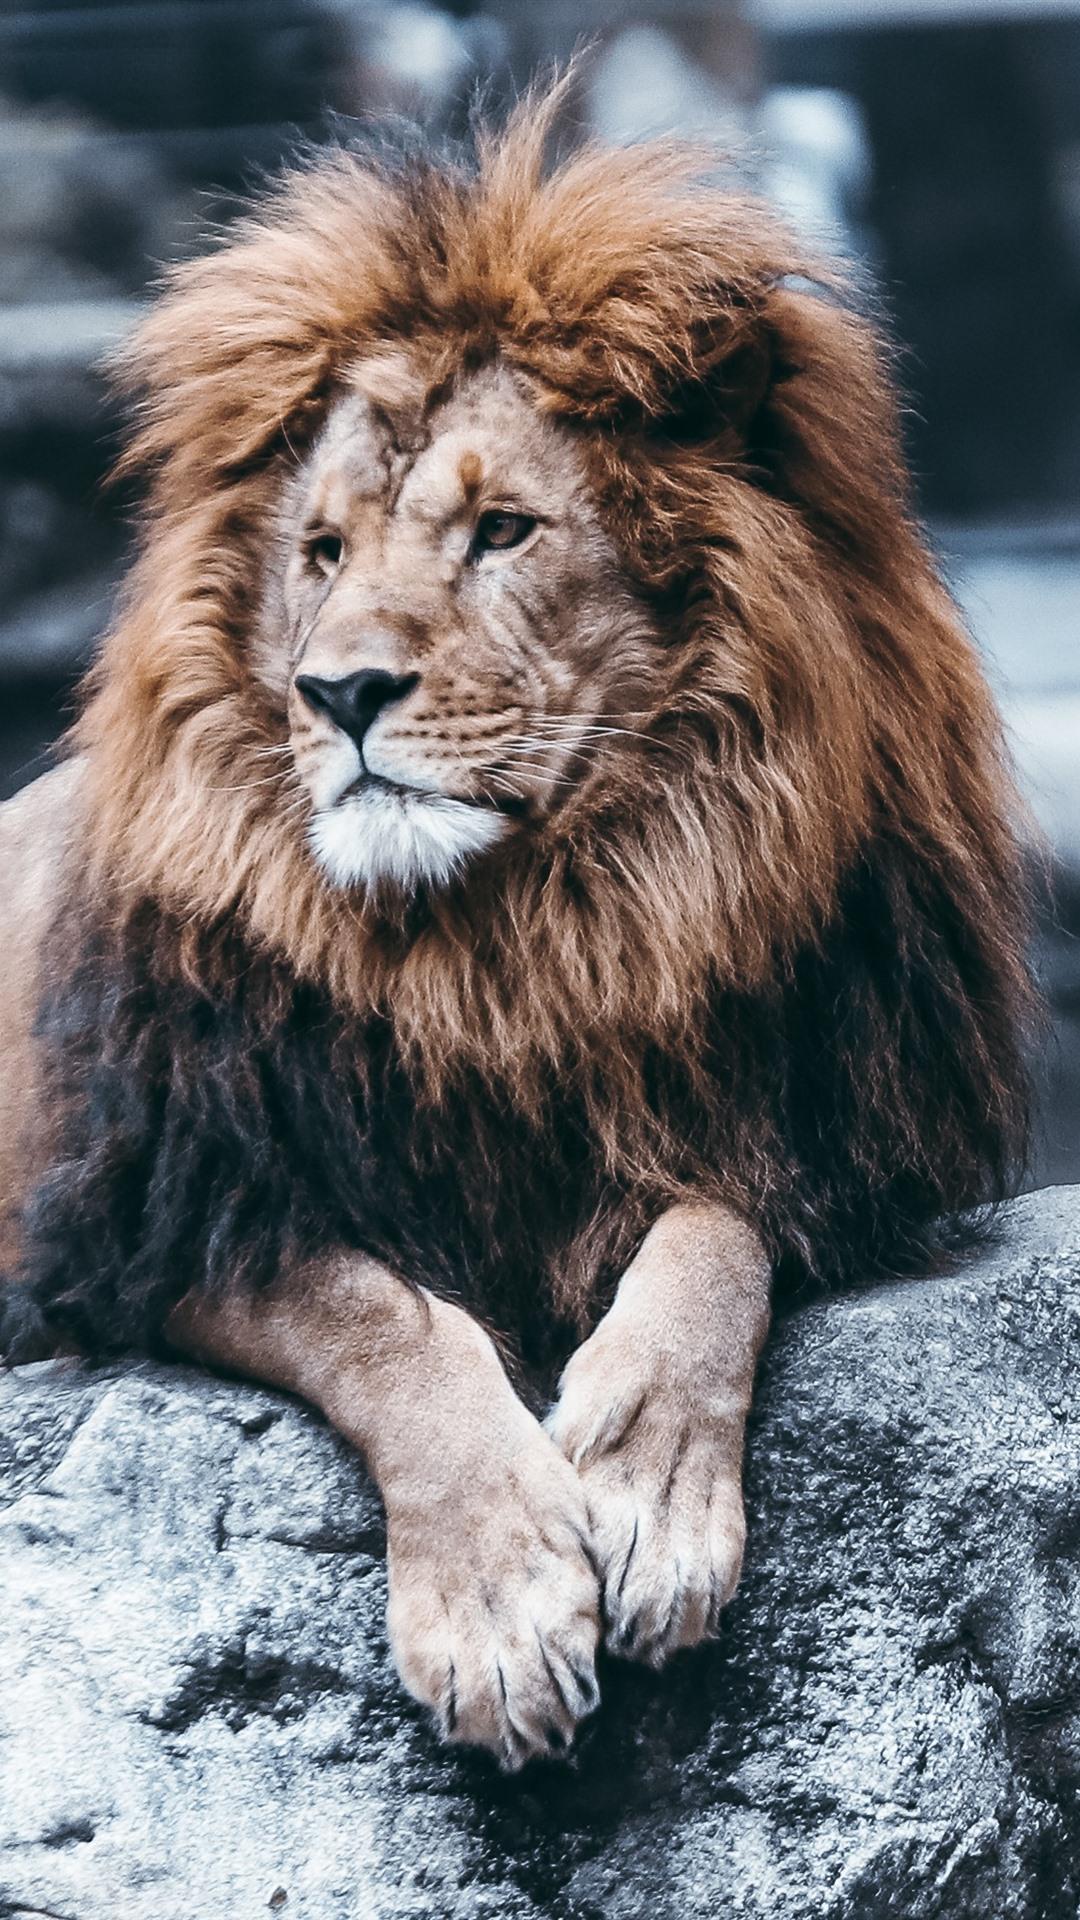 Lion Rest Rocks Zoo 1080x1920 Iphone 8 7 6 6s Plus